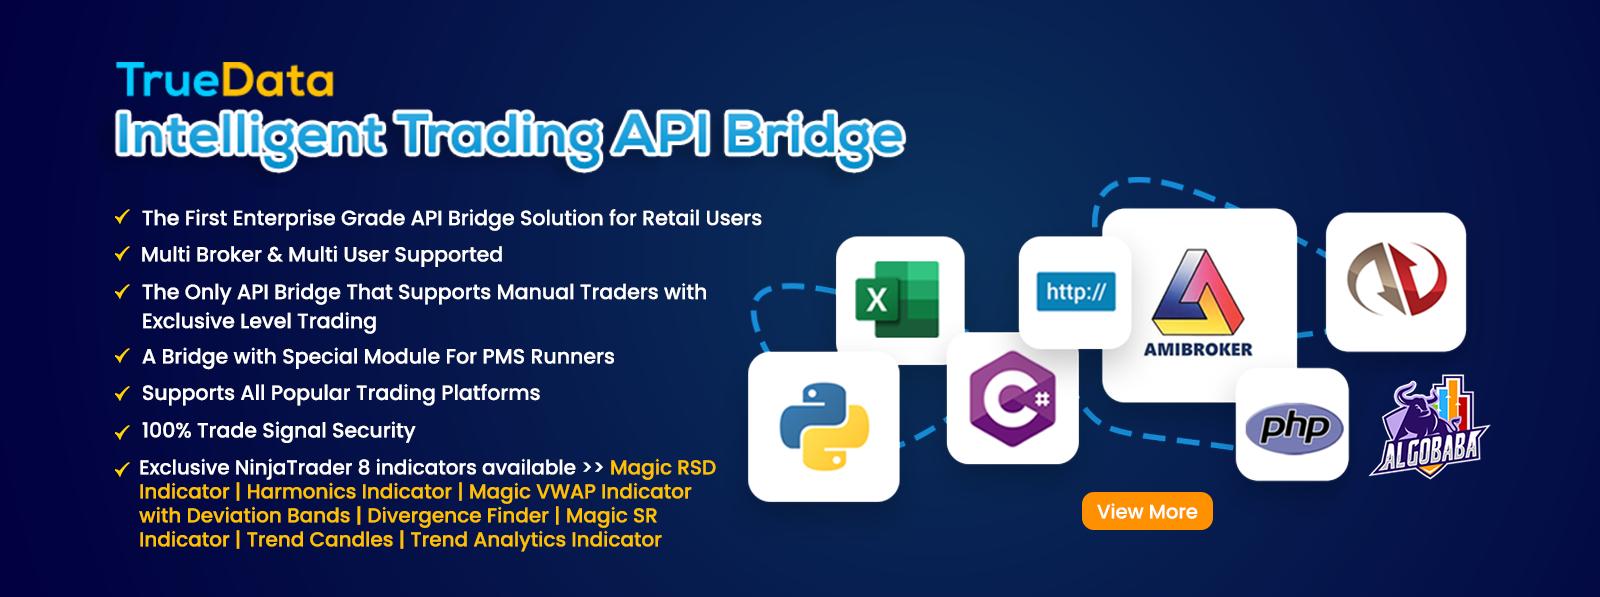 TrueData Intelligent API Bridge